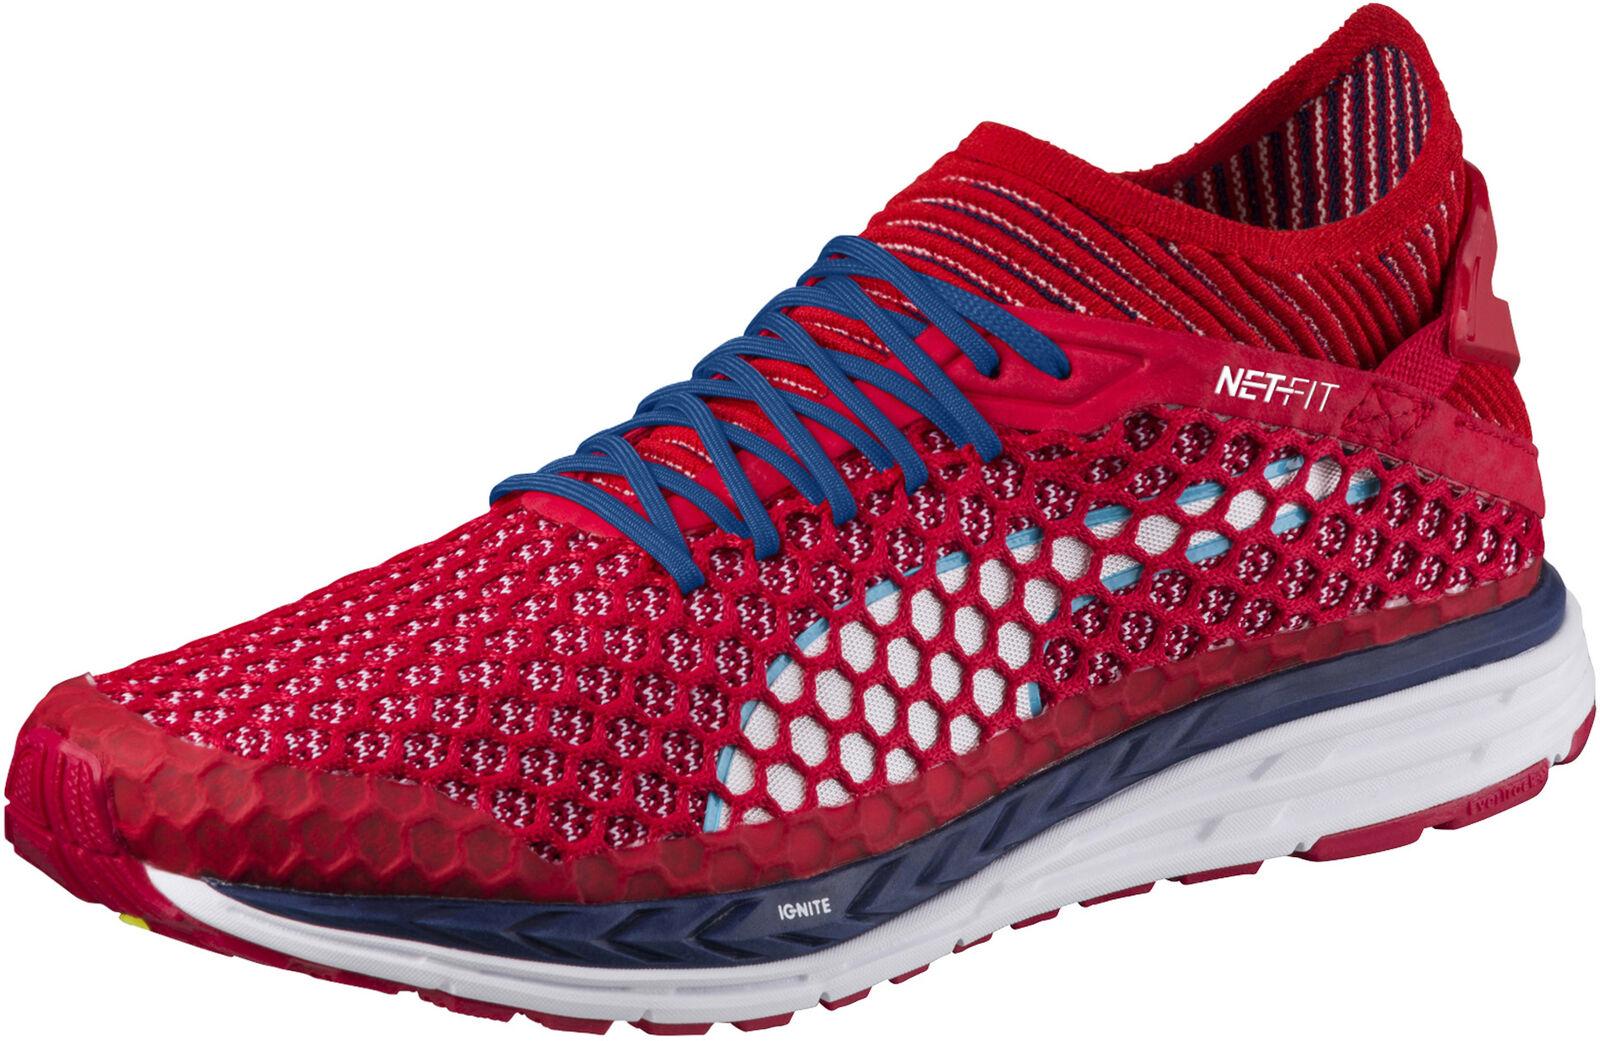 PUMA Speed Ignite netfit Uomo Running Running Running scarpe-rosso 91515b